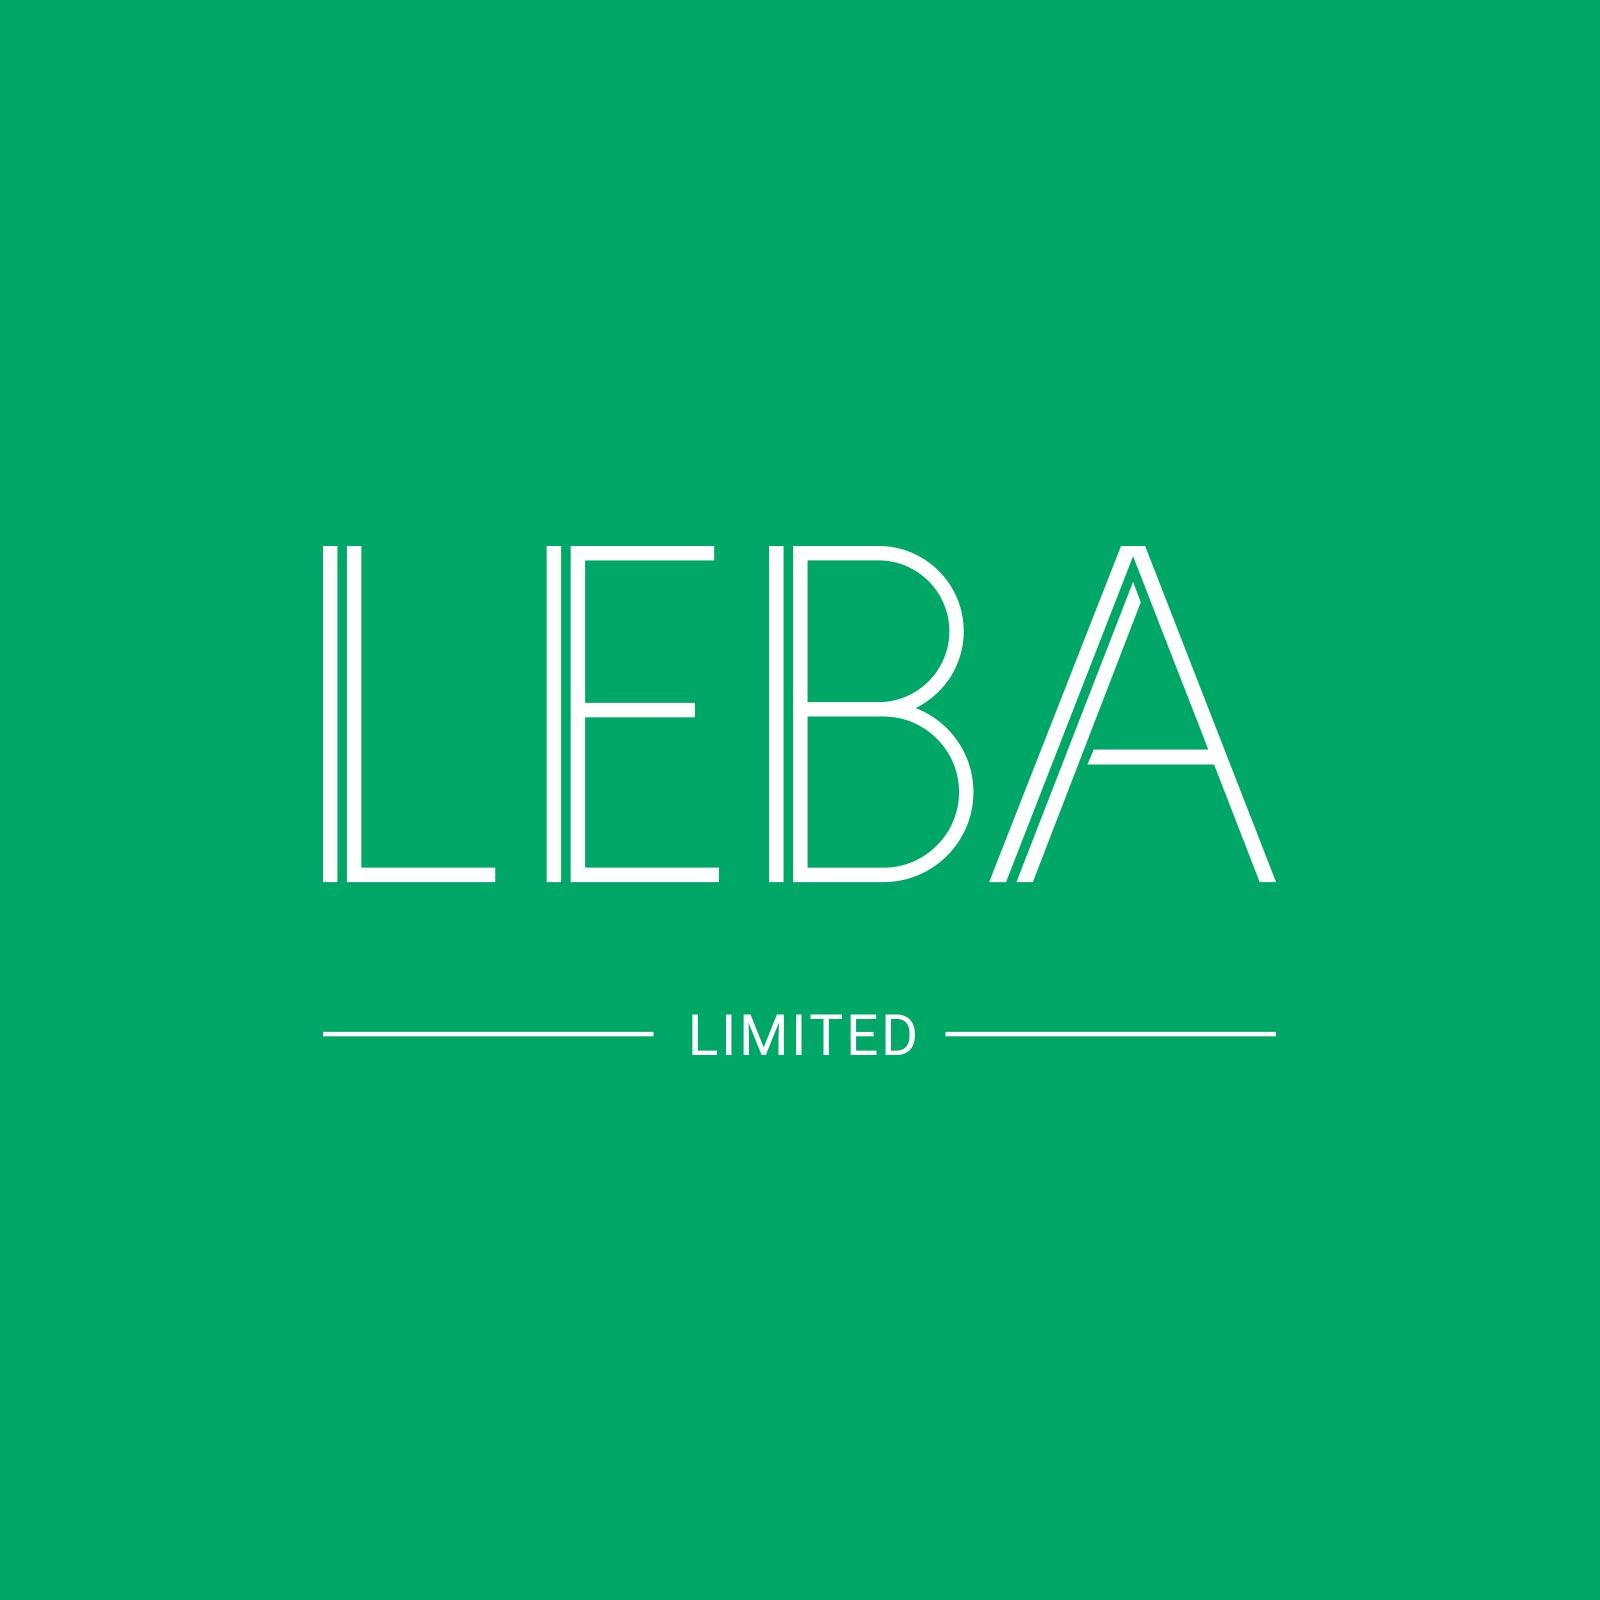 LEBA_logo_V2.jpg